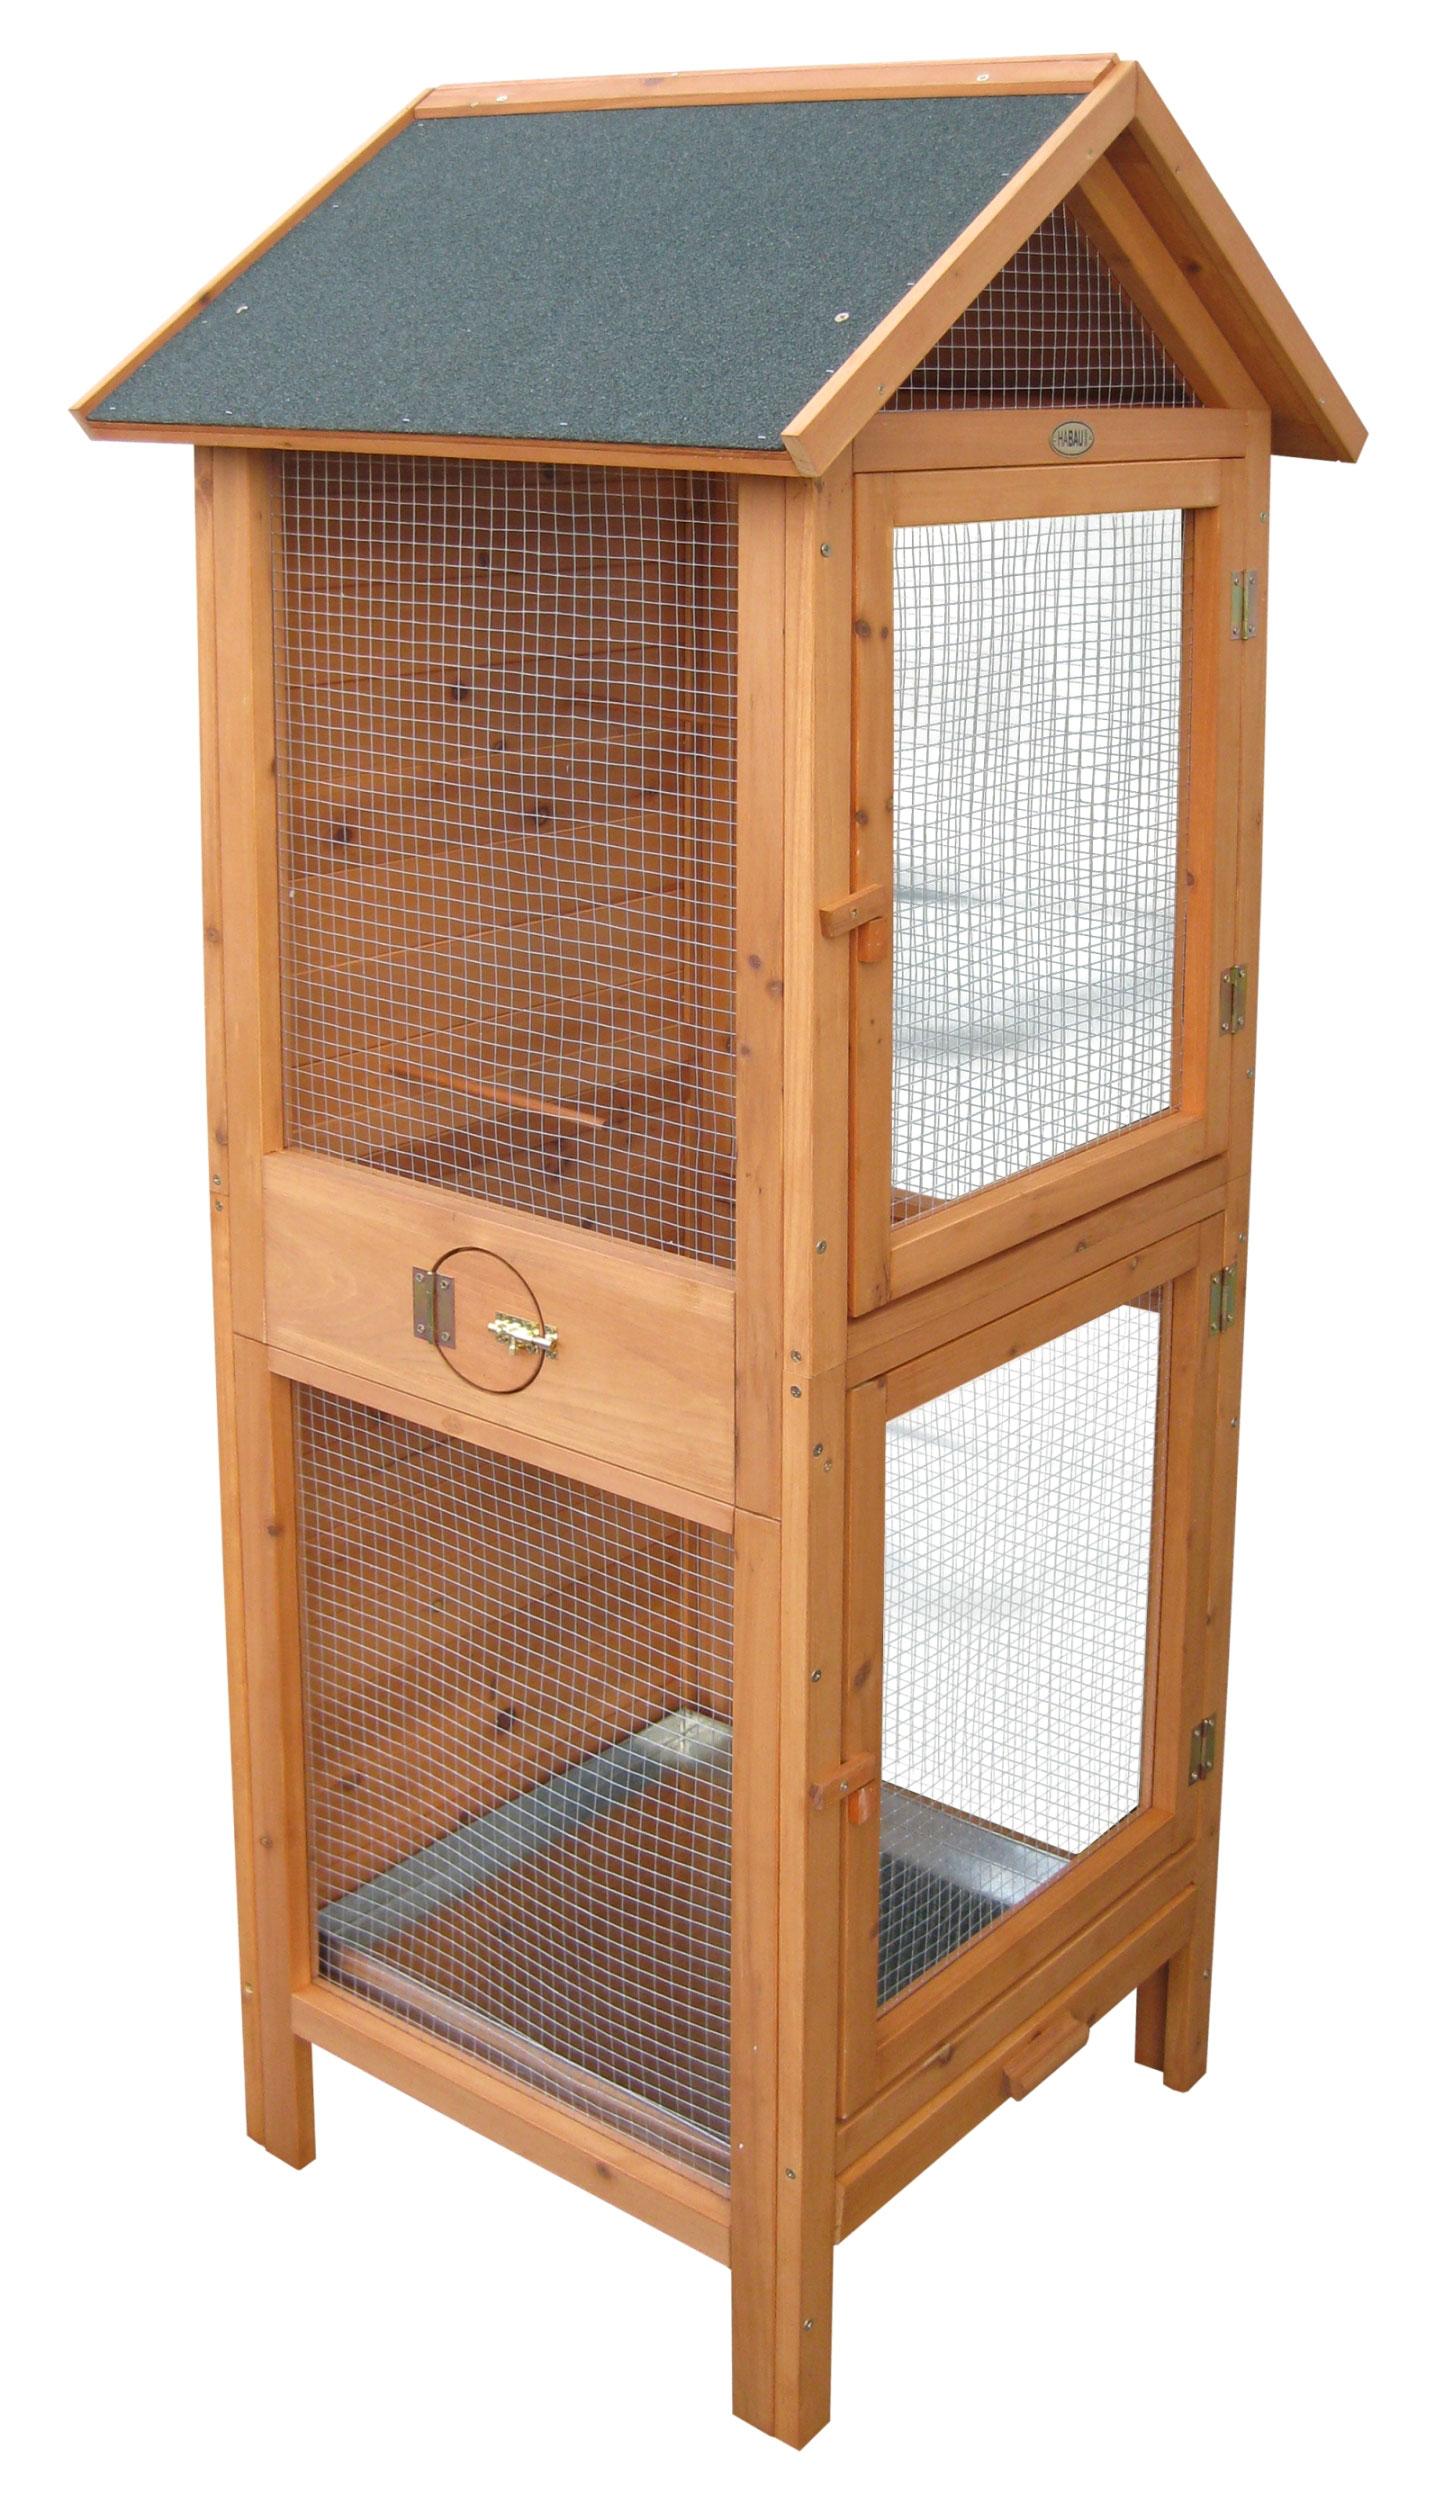 vogelvoliere vogelk fig habau 62x58x160cm bei. Black Bedroom Furniture Sets. Home Design Ideas